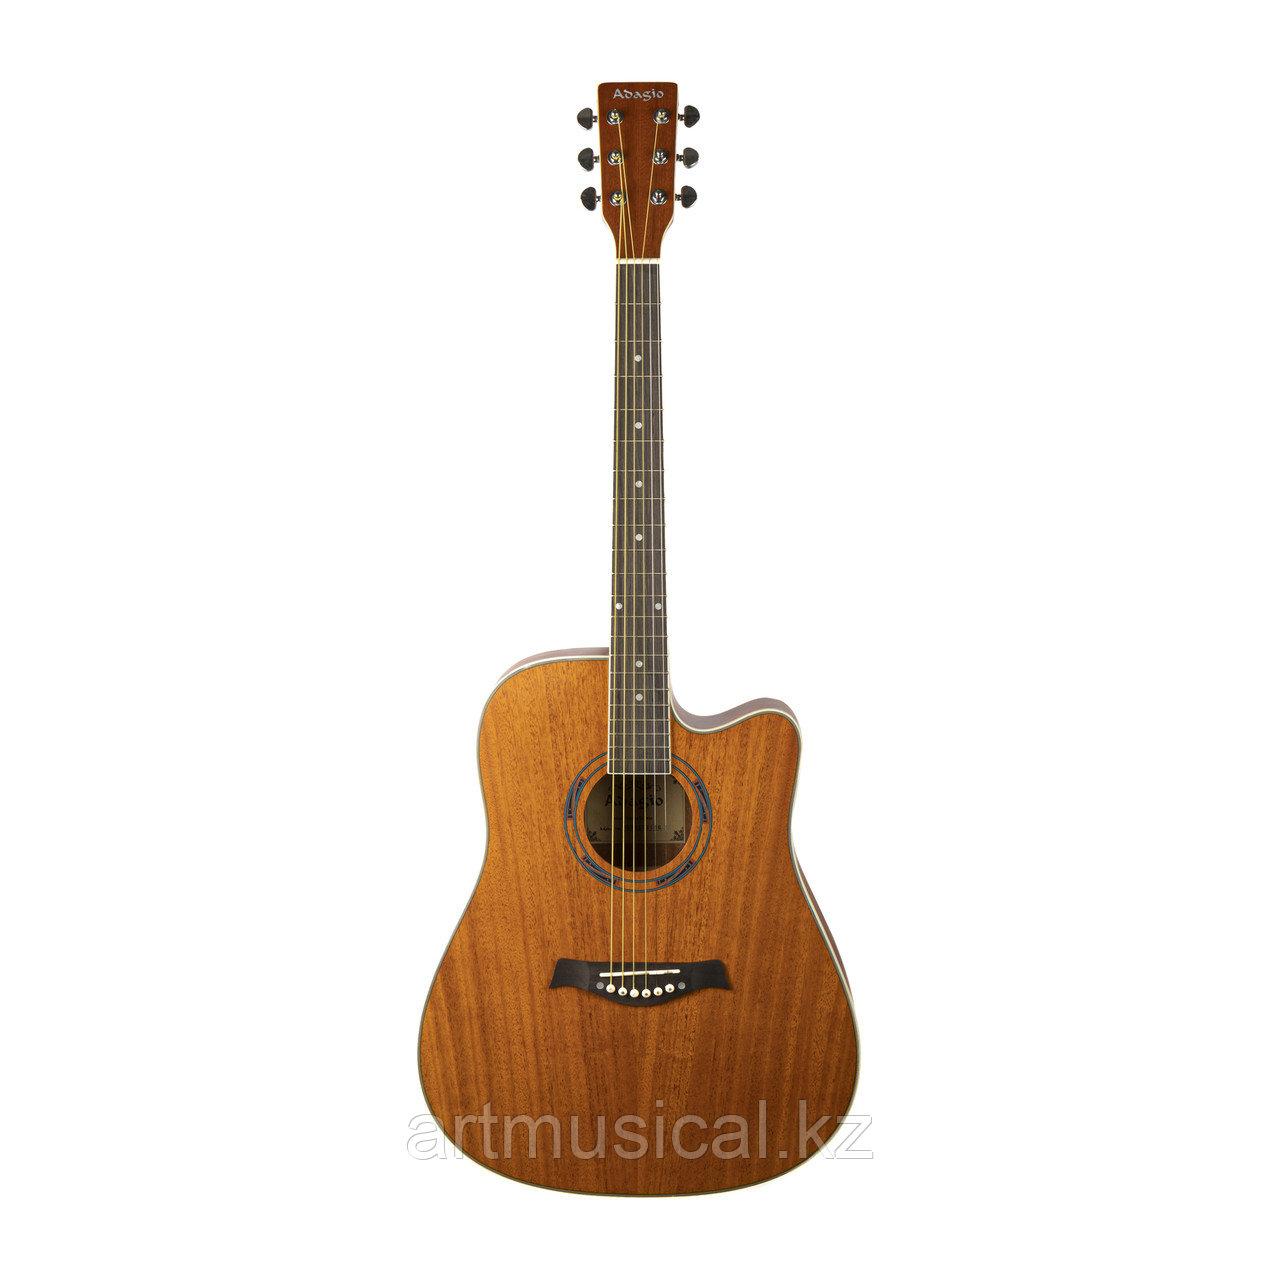 Акустическая гитара Adagio MDF-4183C MG